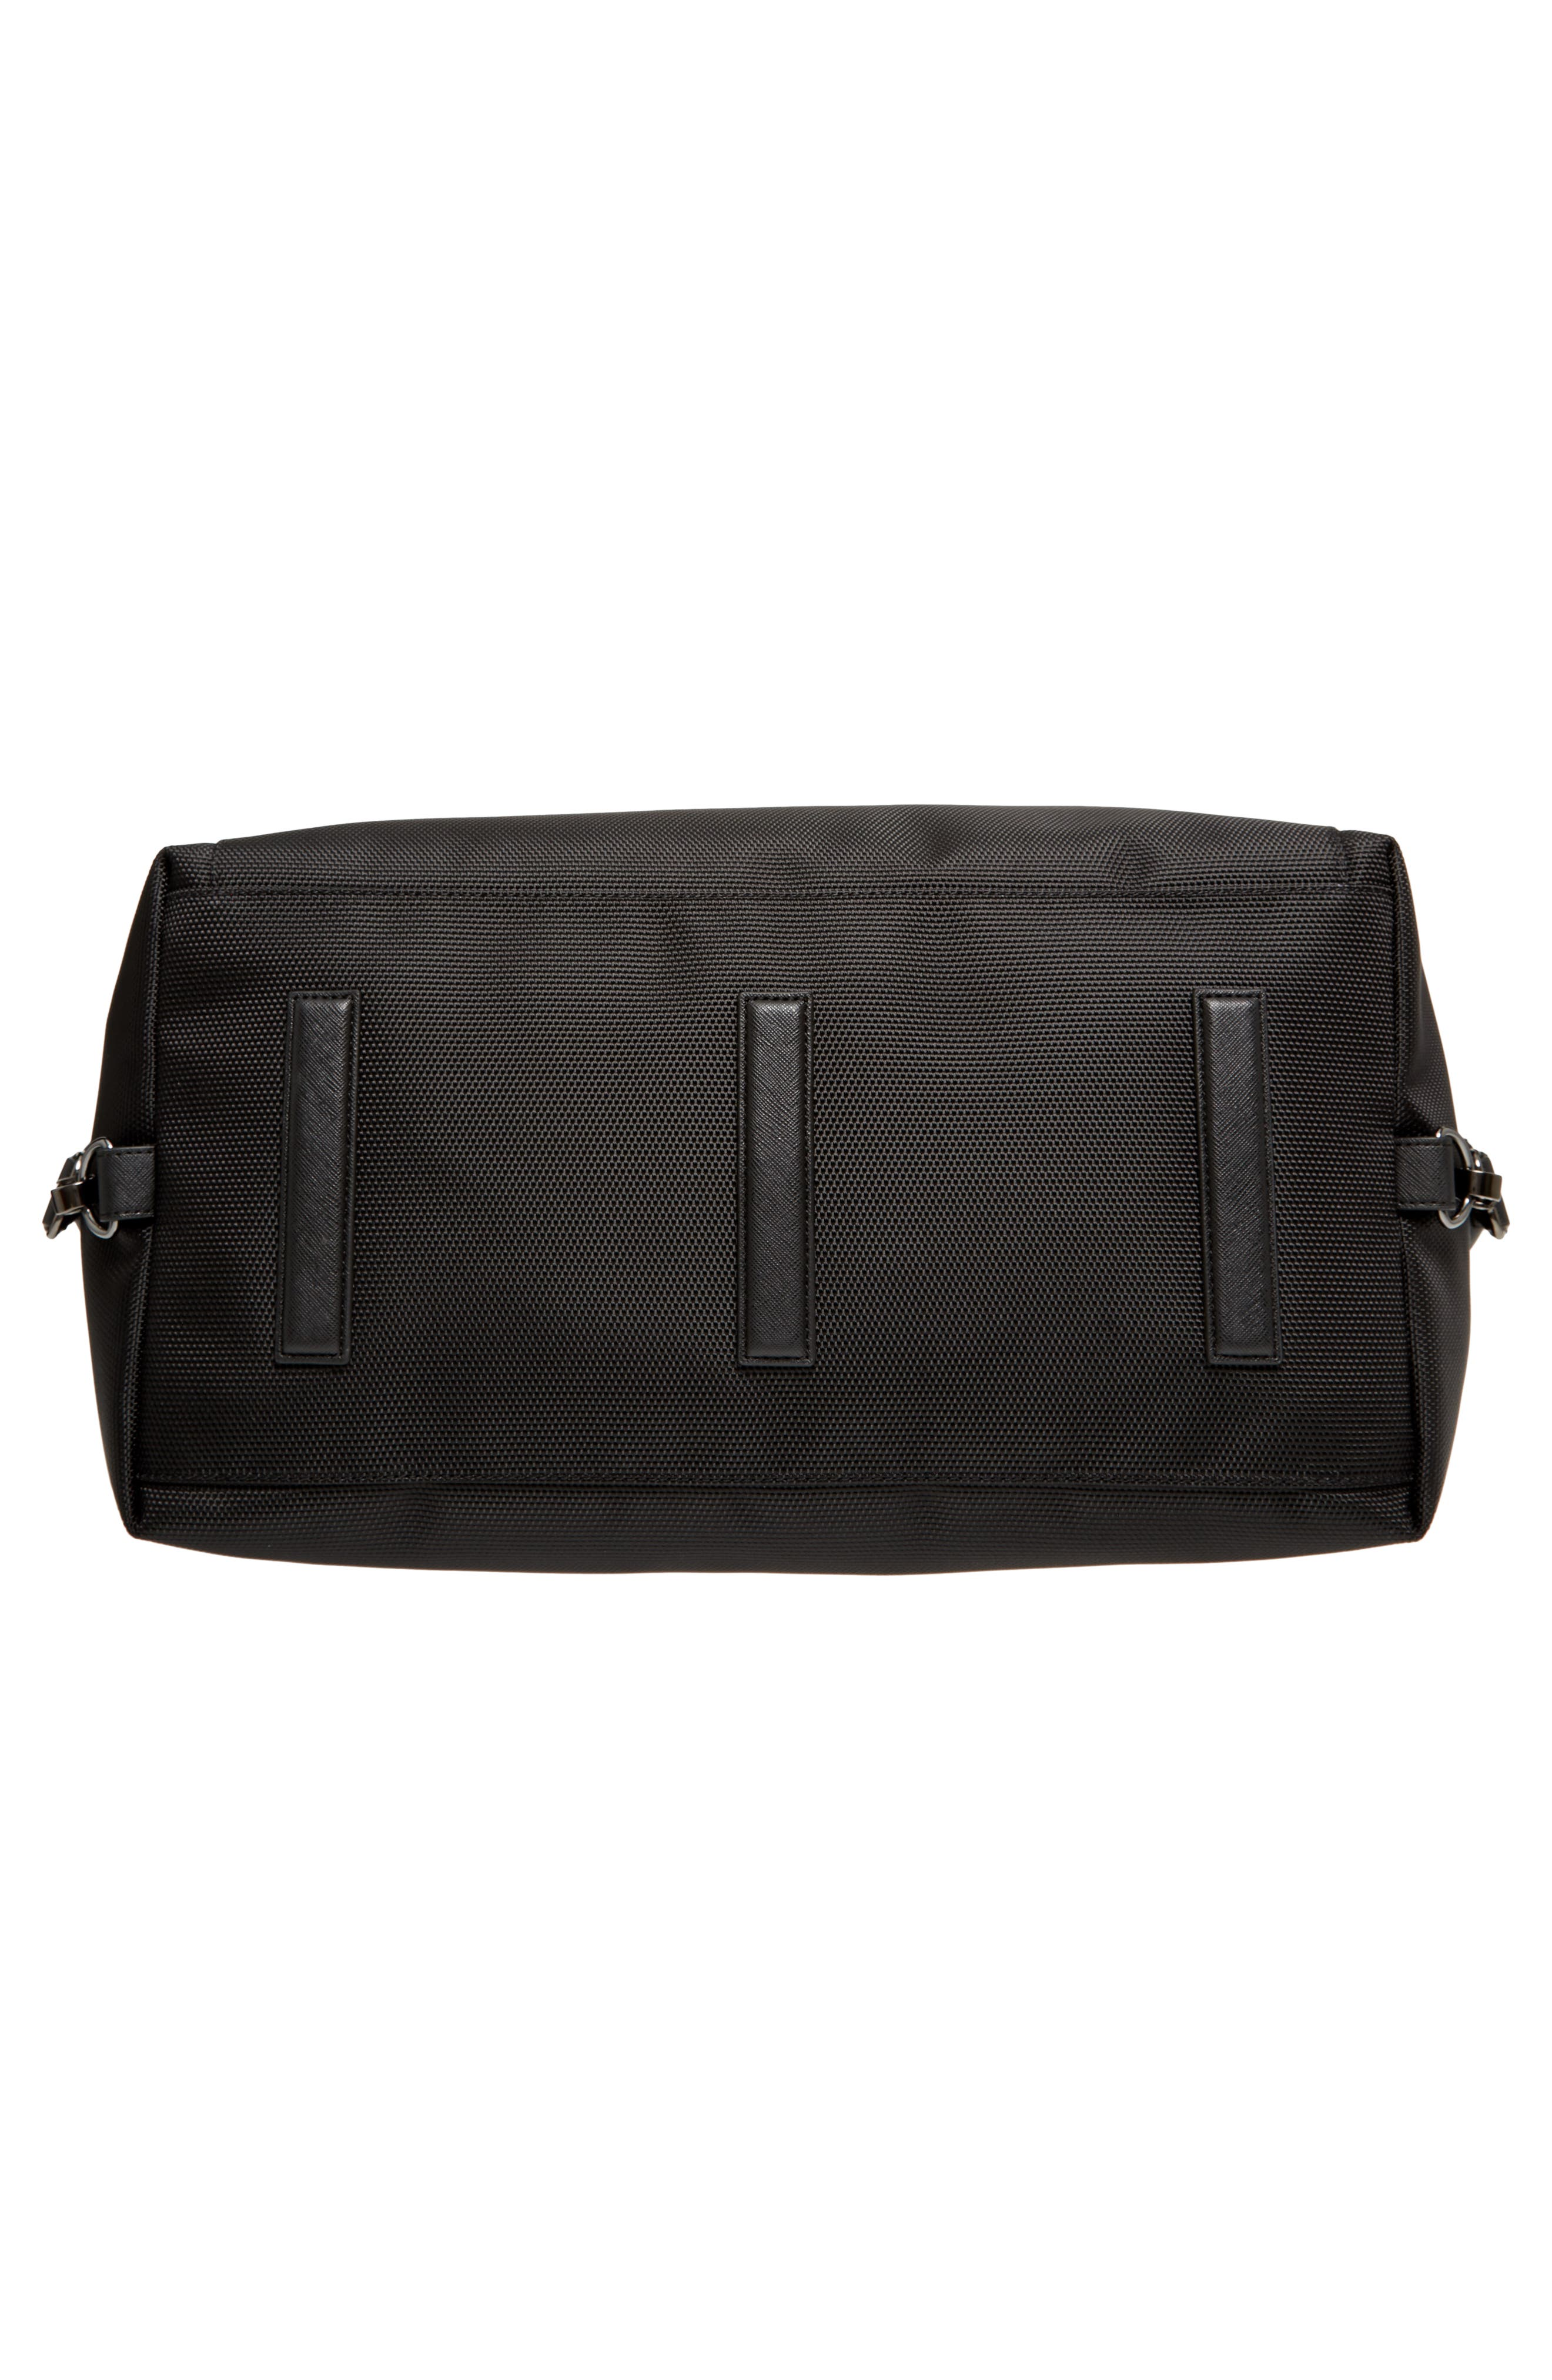 Smart Duffel Bag,                             Alternate thumbnail 6, color,                             001